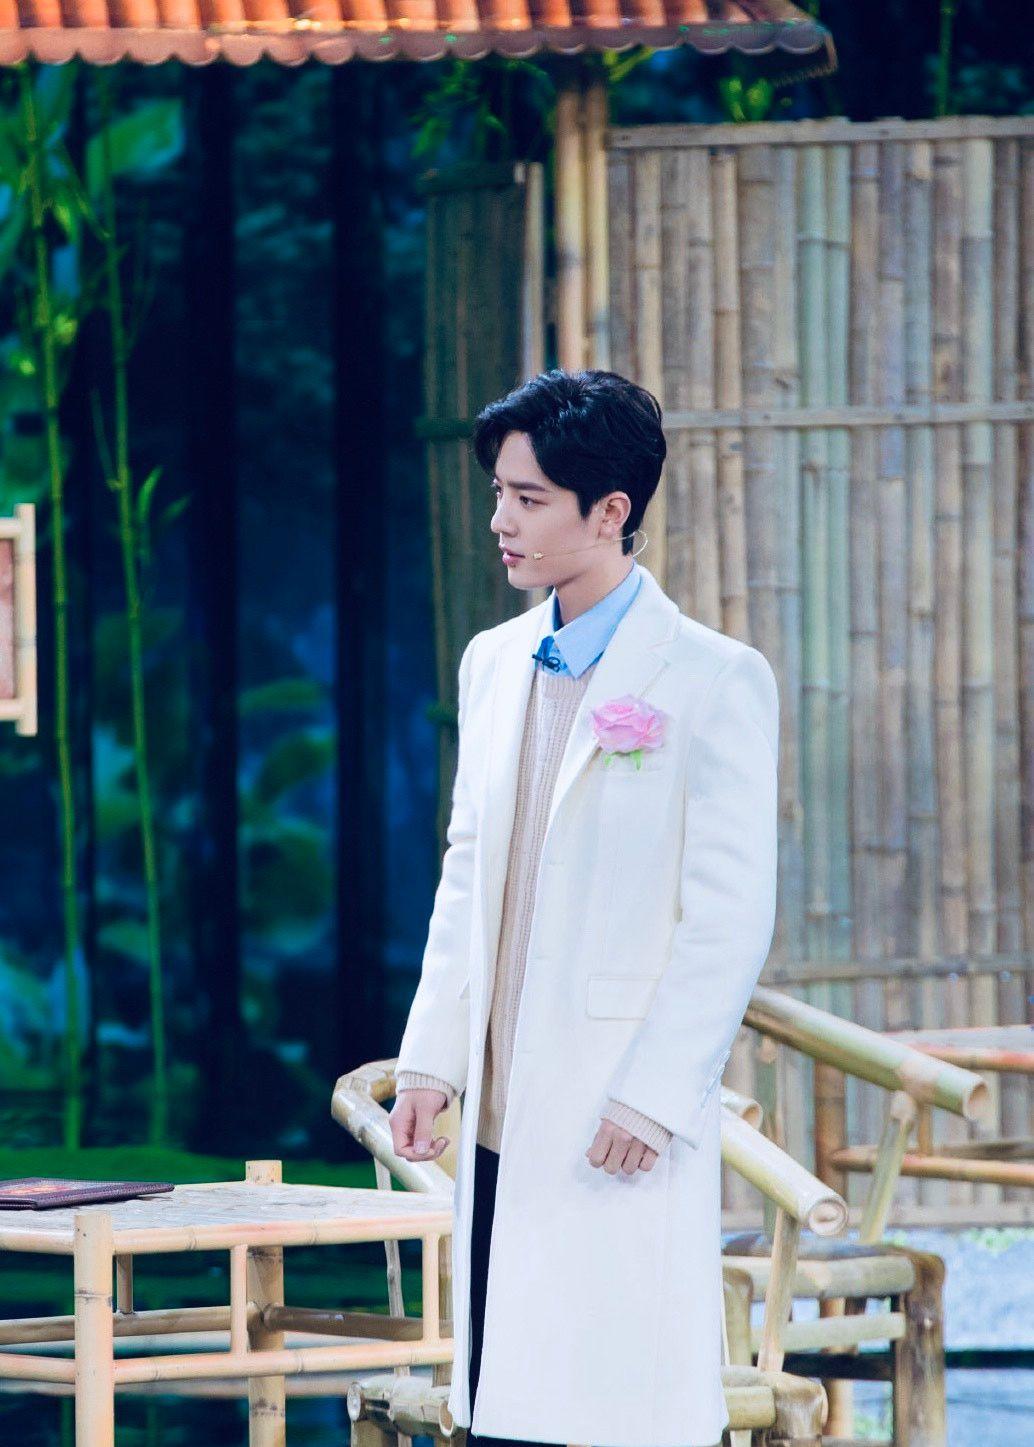 肖战:春晚上的白色西装少年,百看不厌